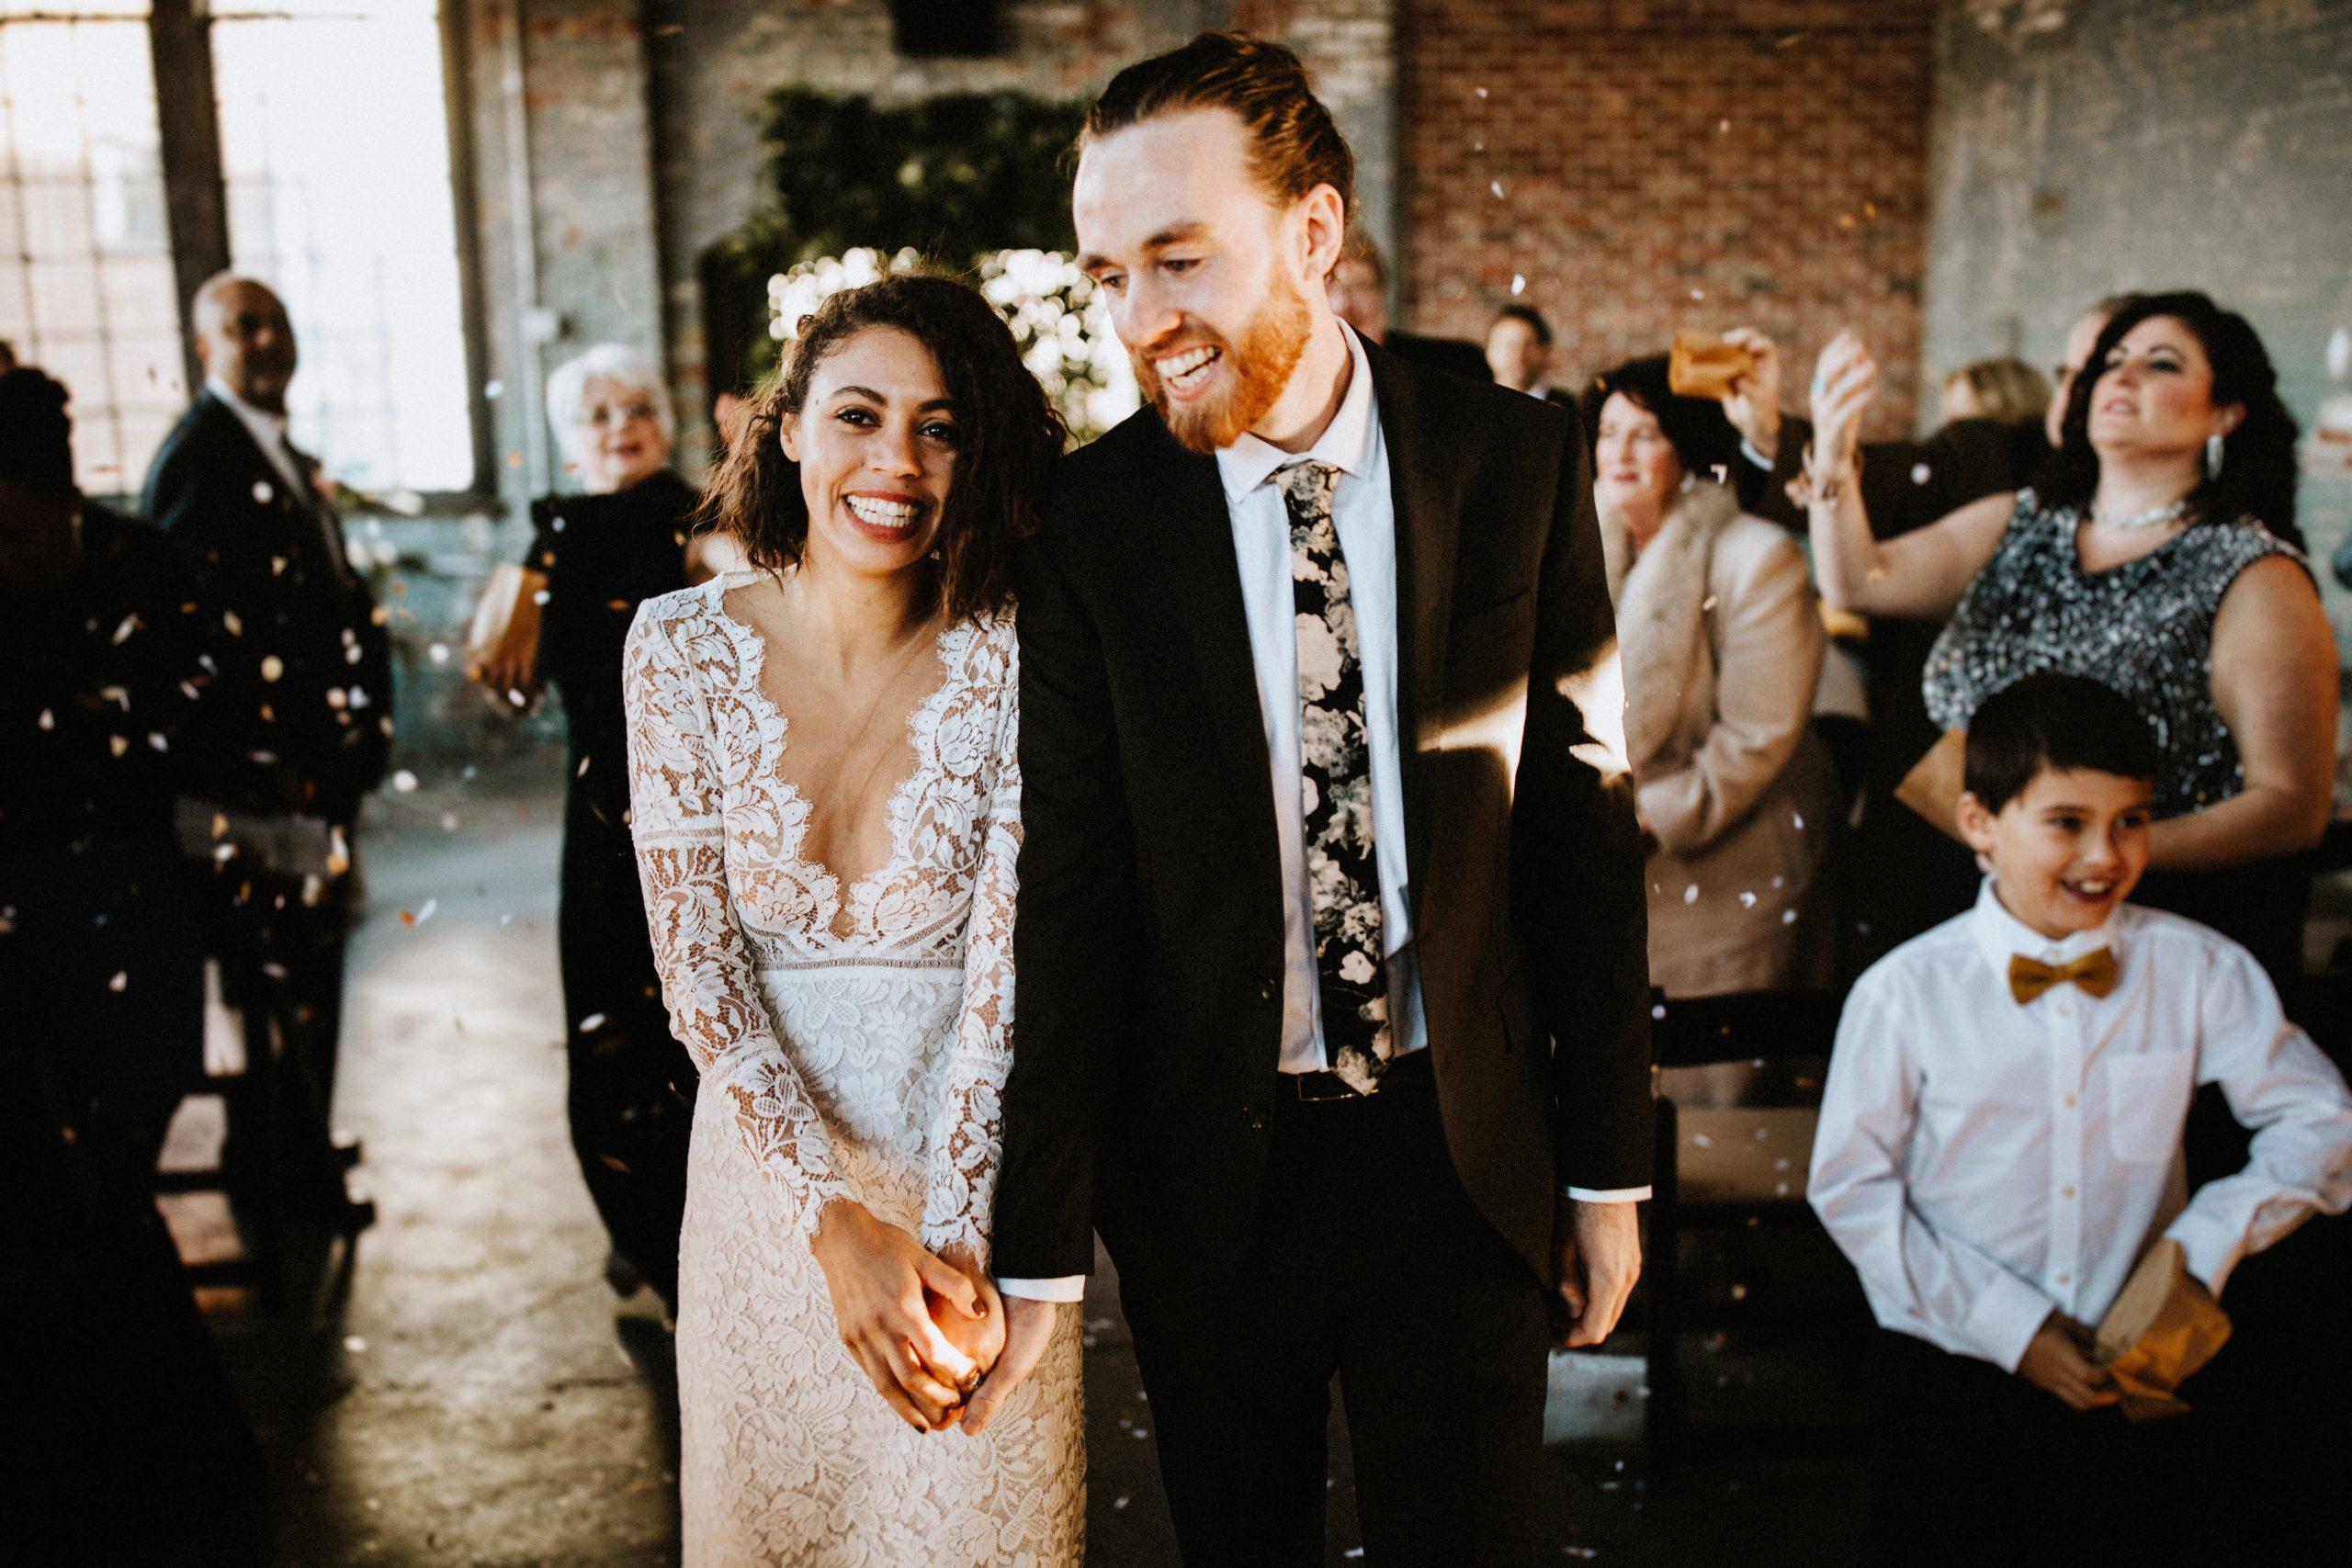 Ein Hochzeitspaar hält sich and den Händen und läuft vom Altar zu den Gästen.